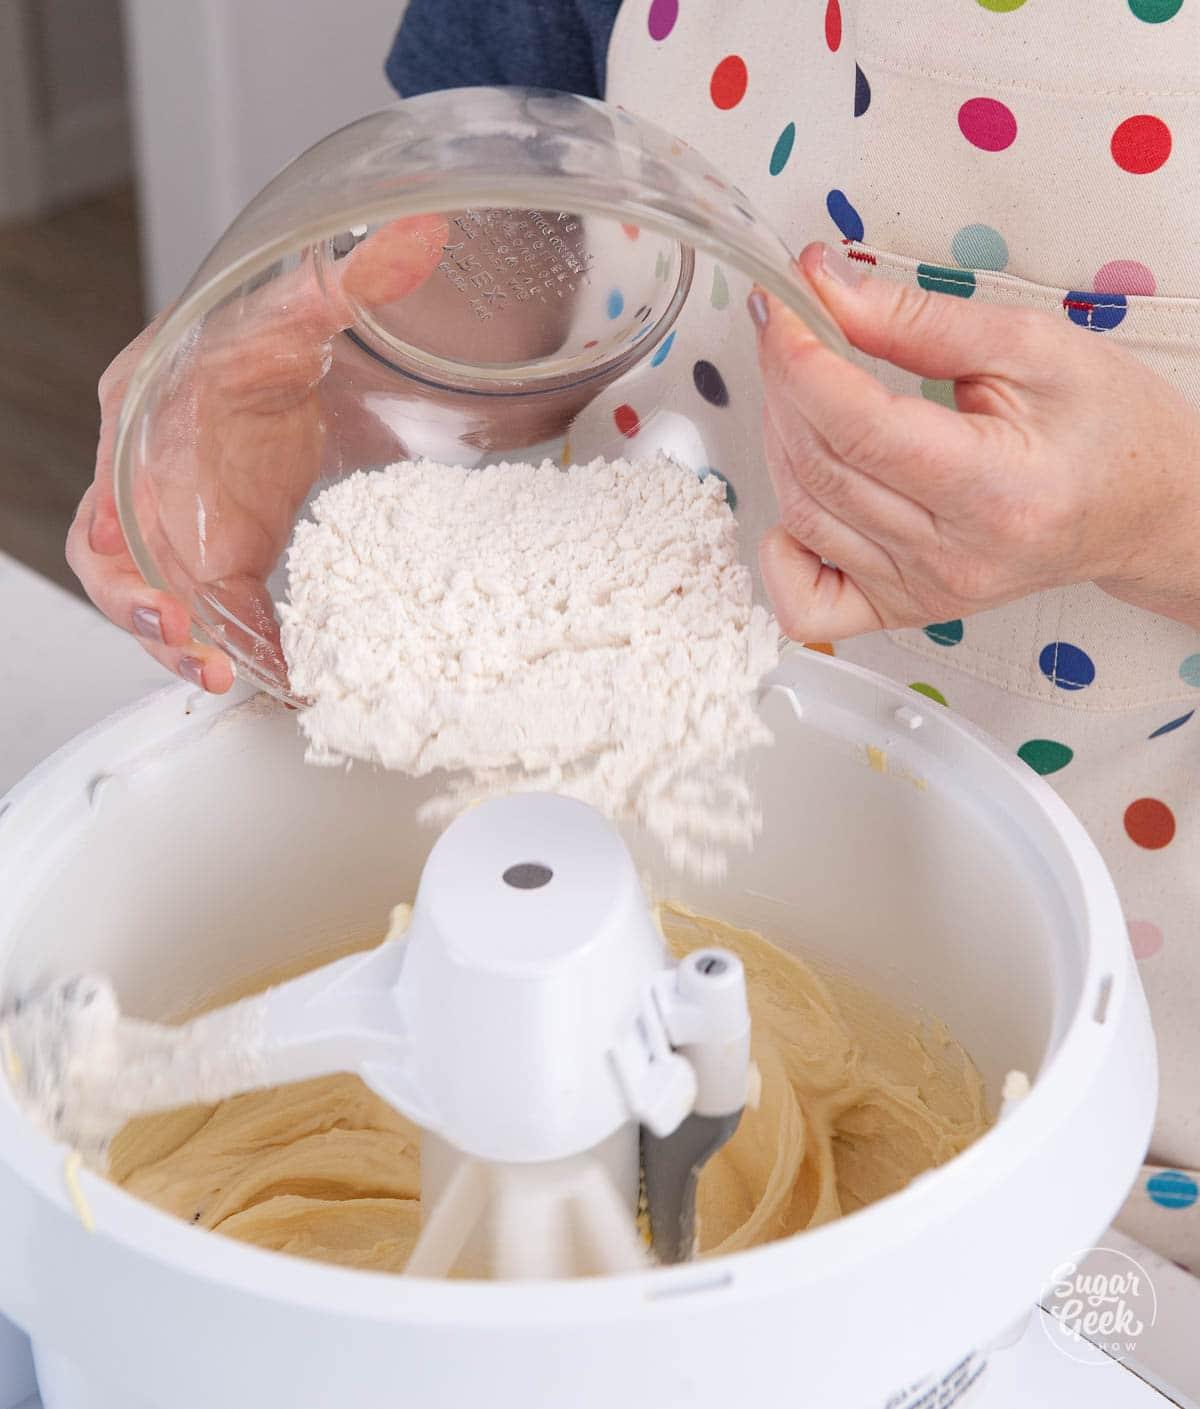 adding flour to pound cake mixture